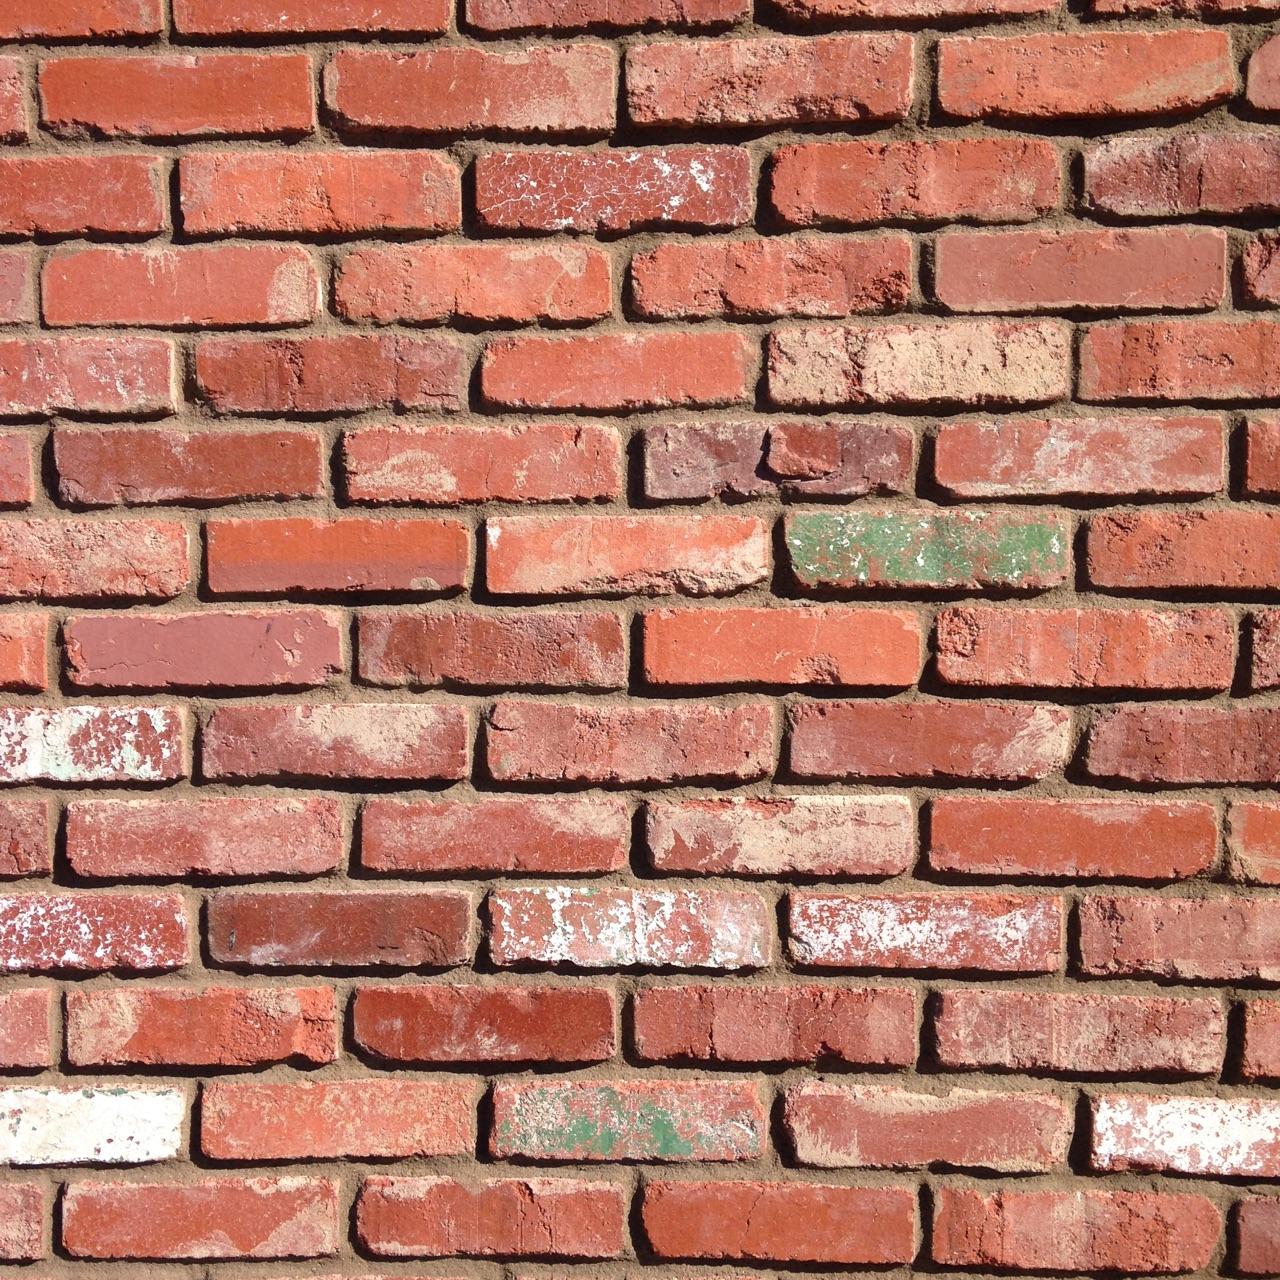 Arlington Brick